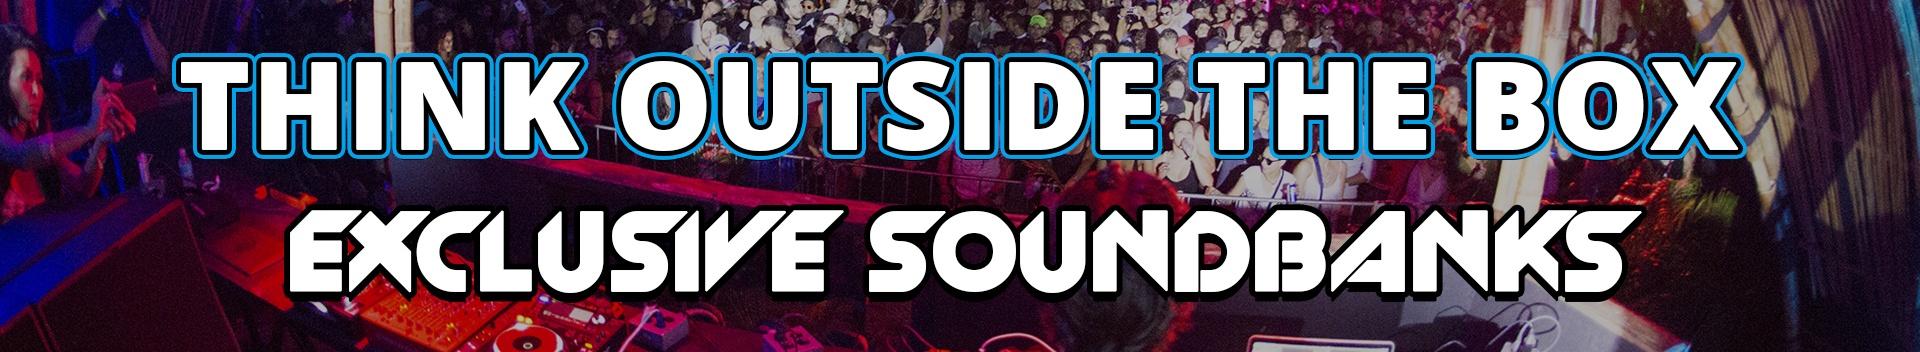 Soundbanks